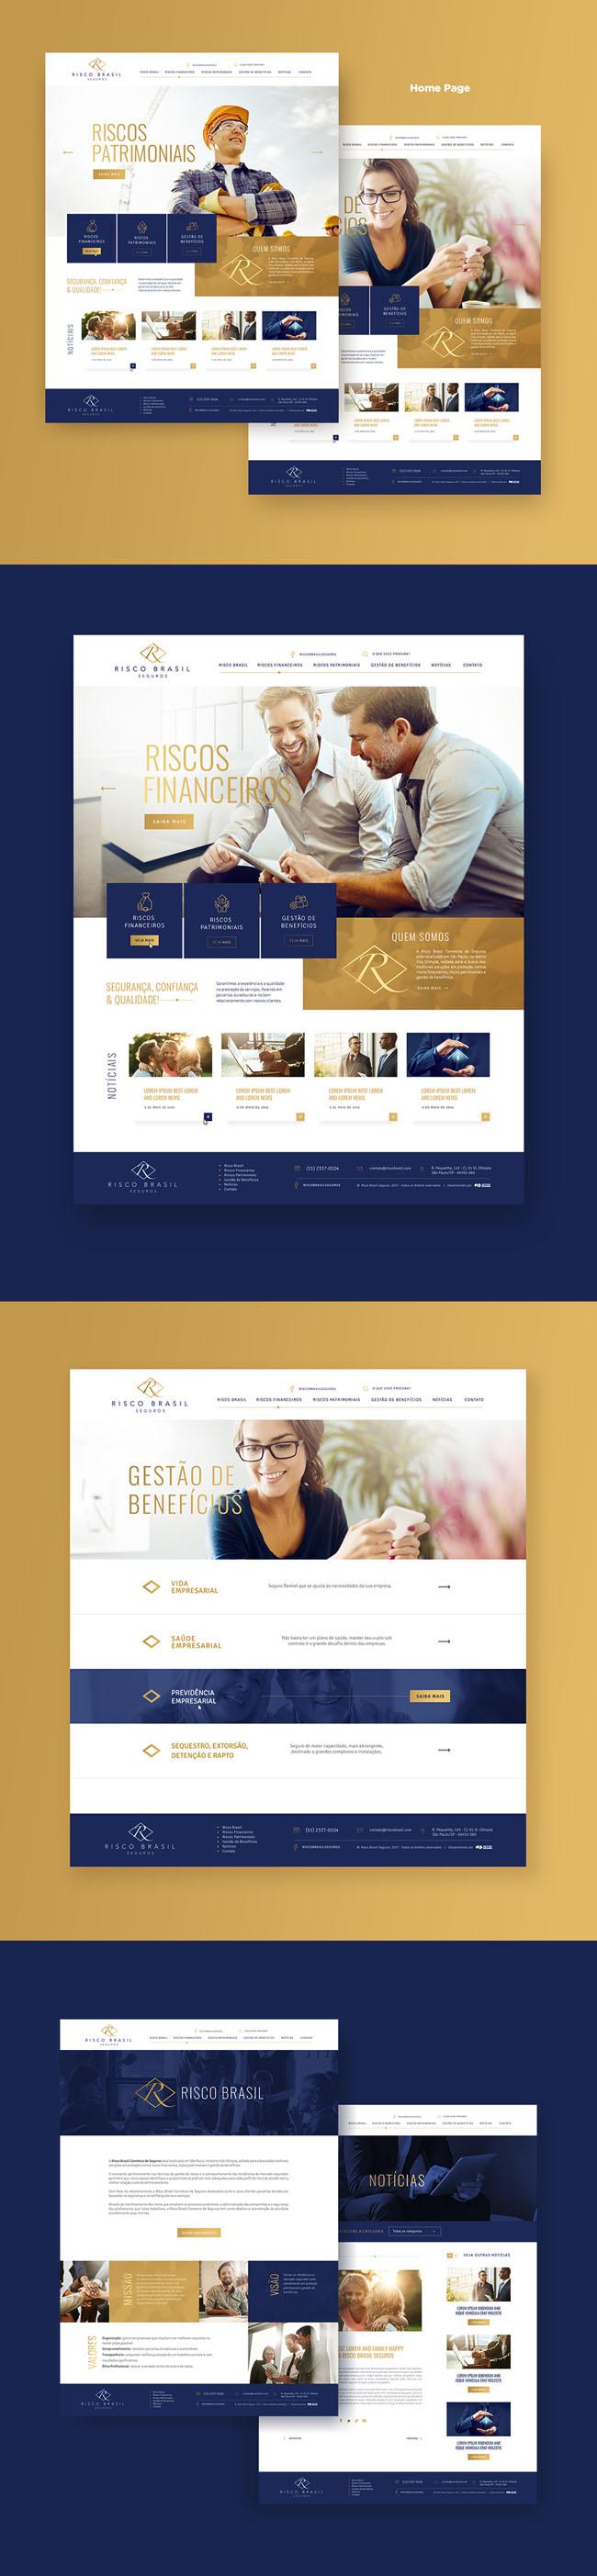 巴西Risco Brasil风险投资公司网页设计欣赏